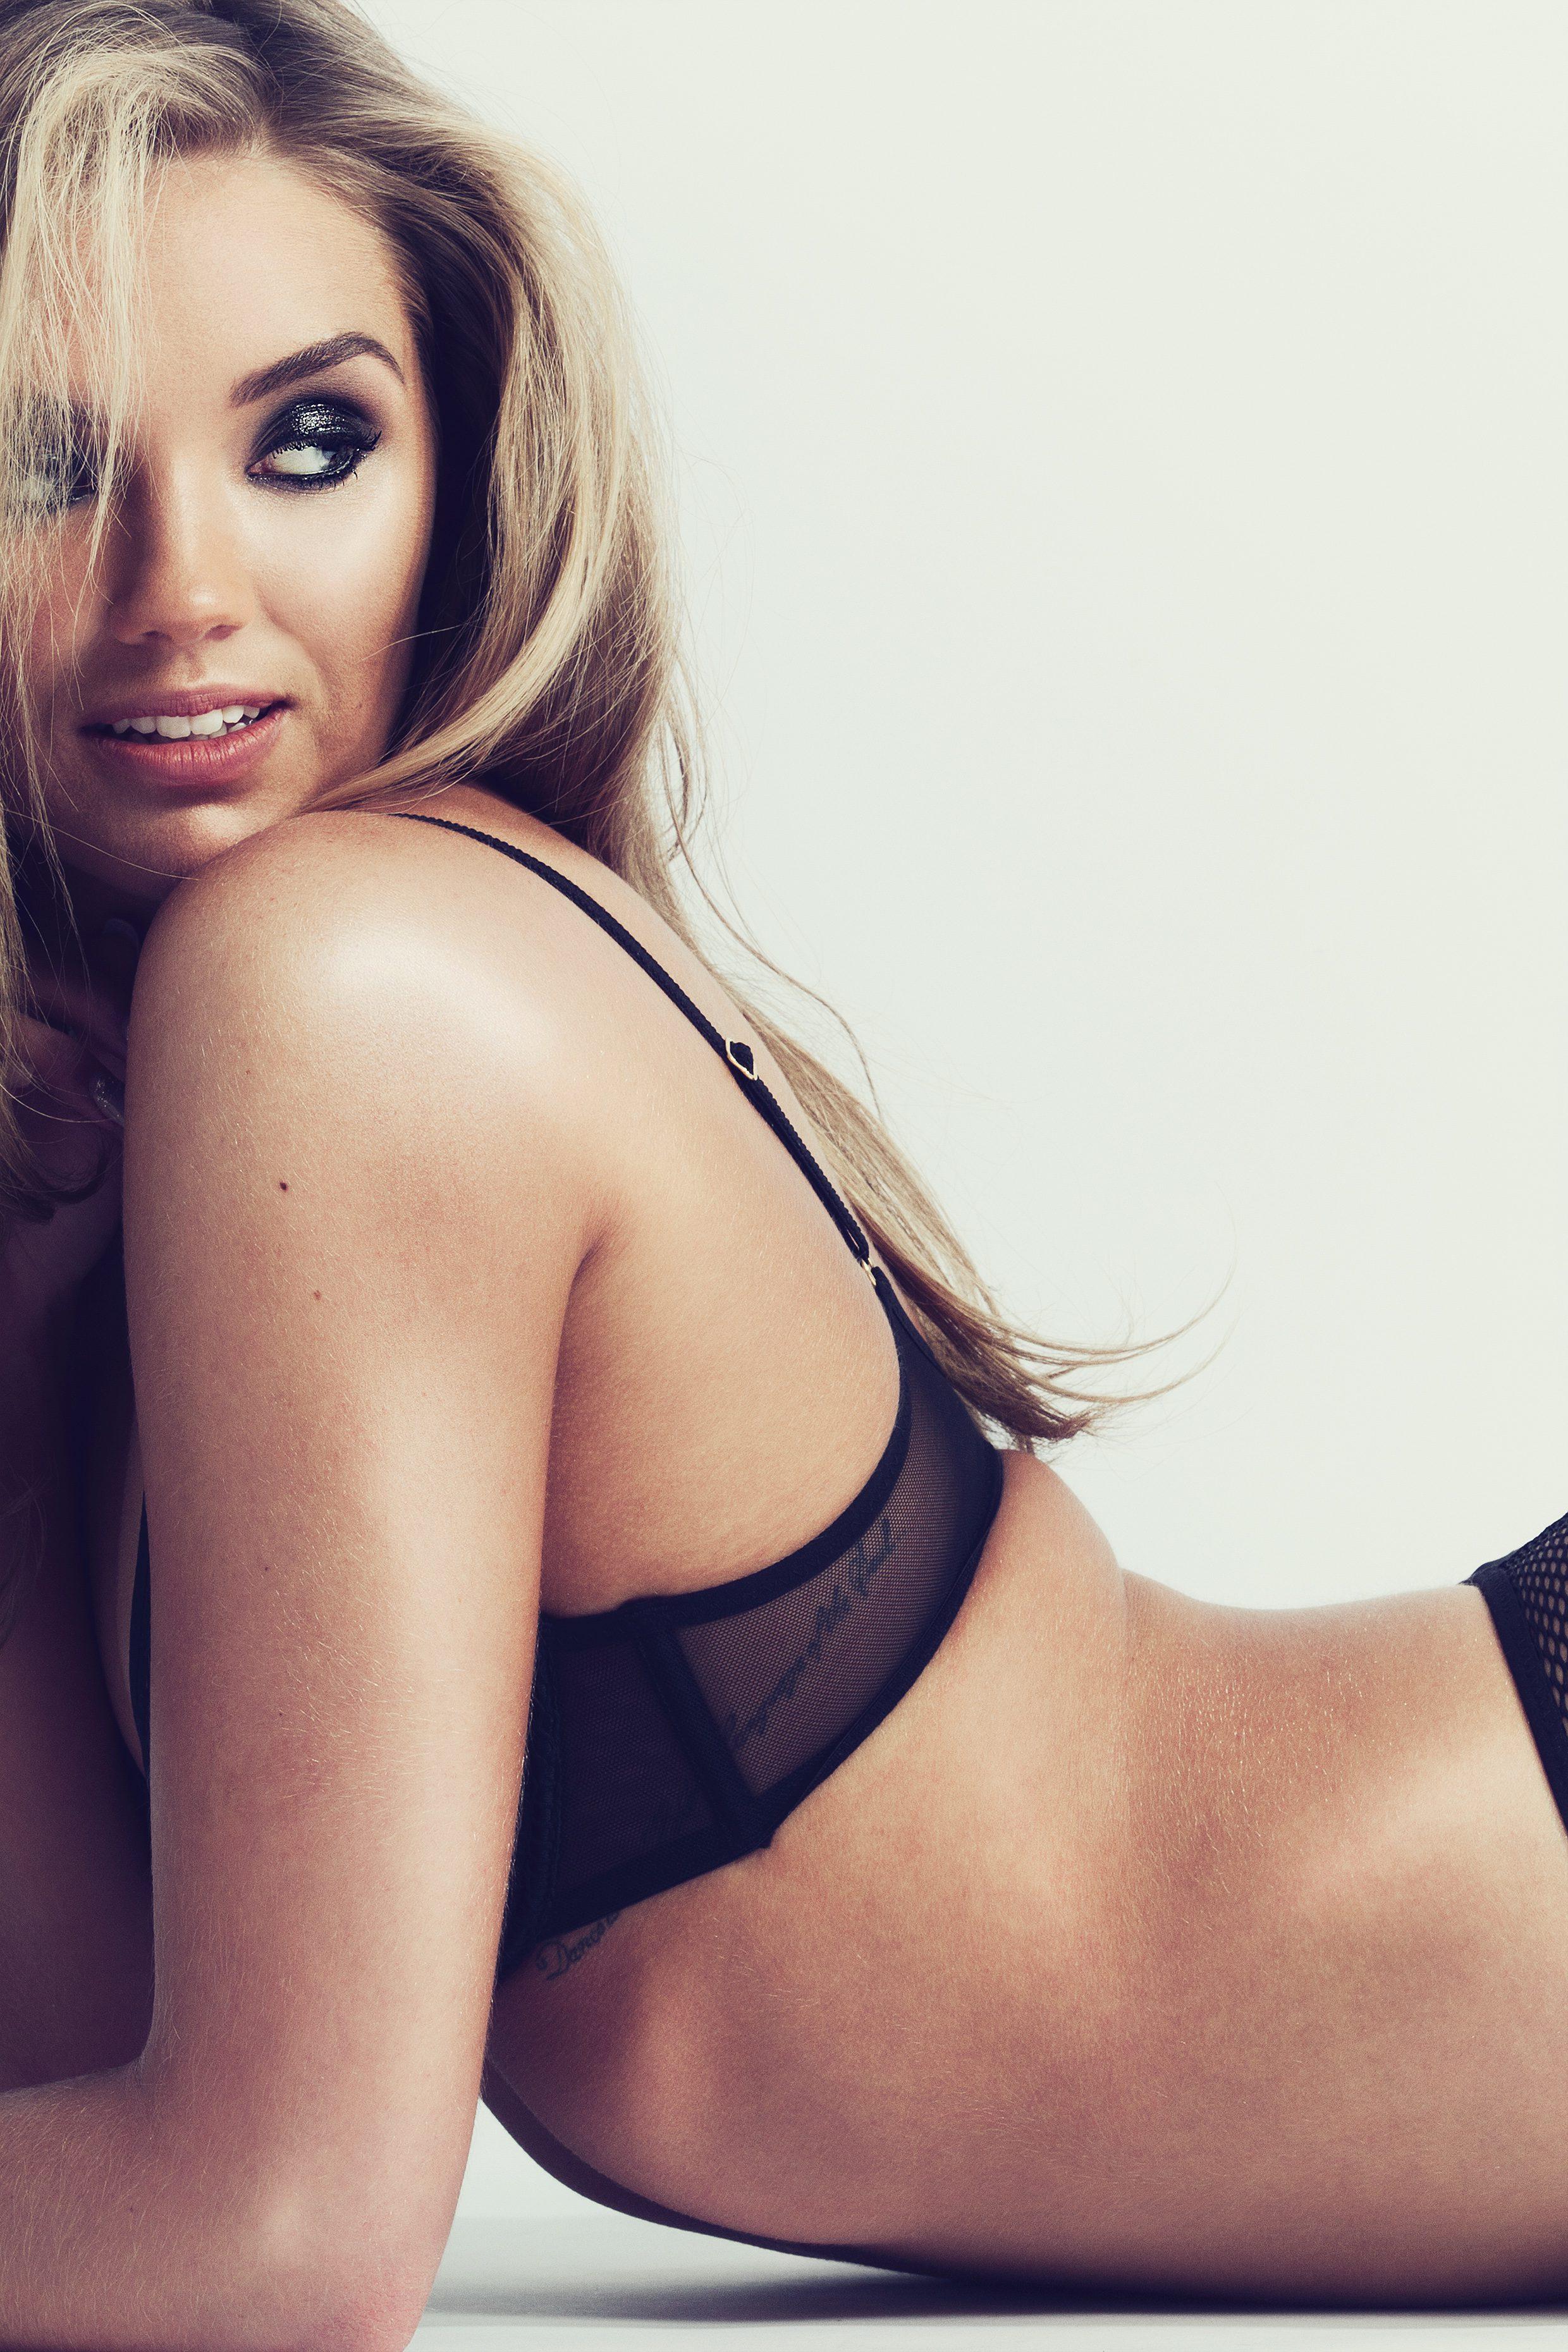 McMahon modeling lingerie set by L'Agent by Agent Provocateur/ lagentbyap.com - Photo Credit: Jo Emmerson